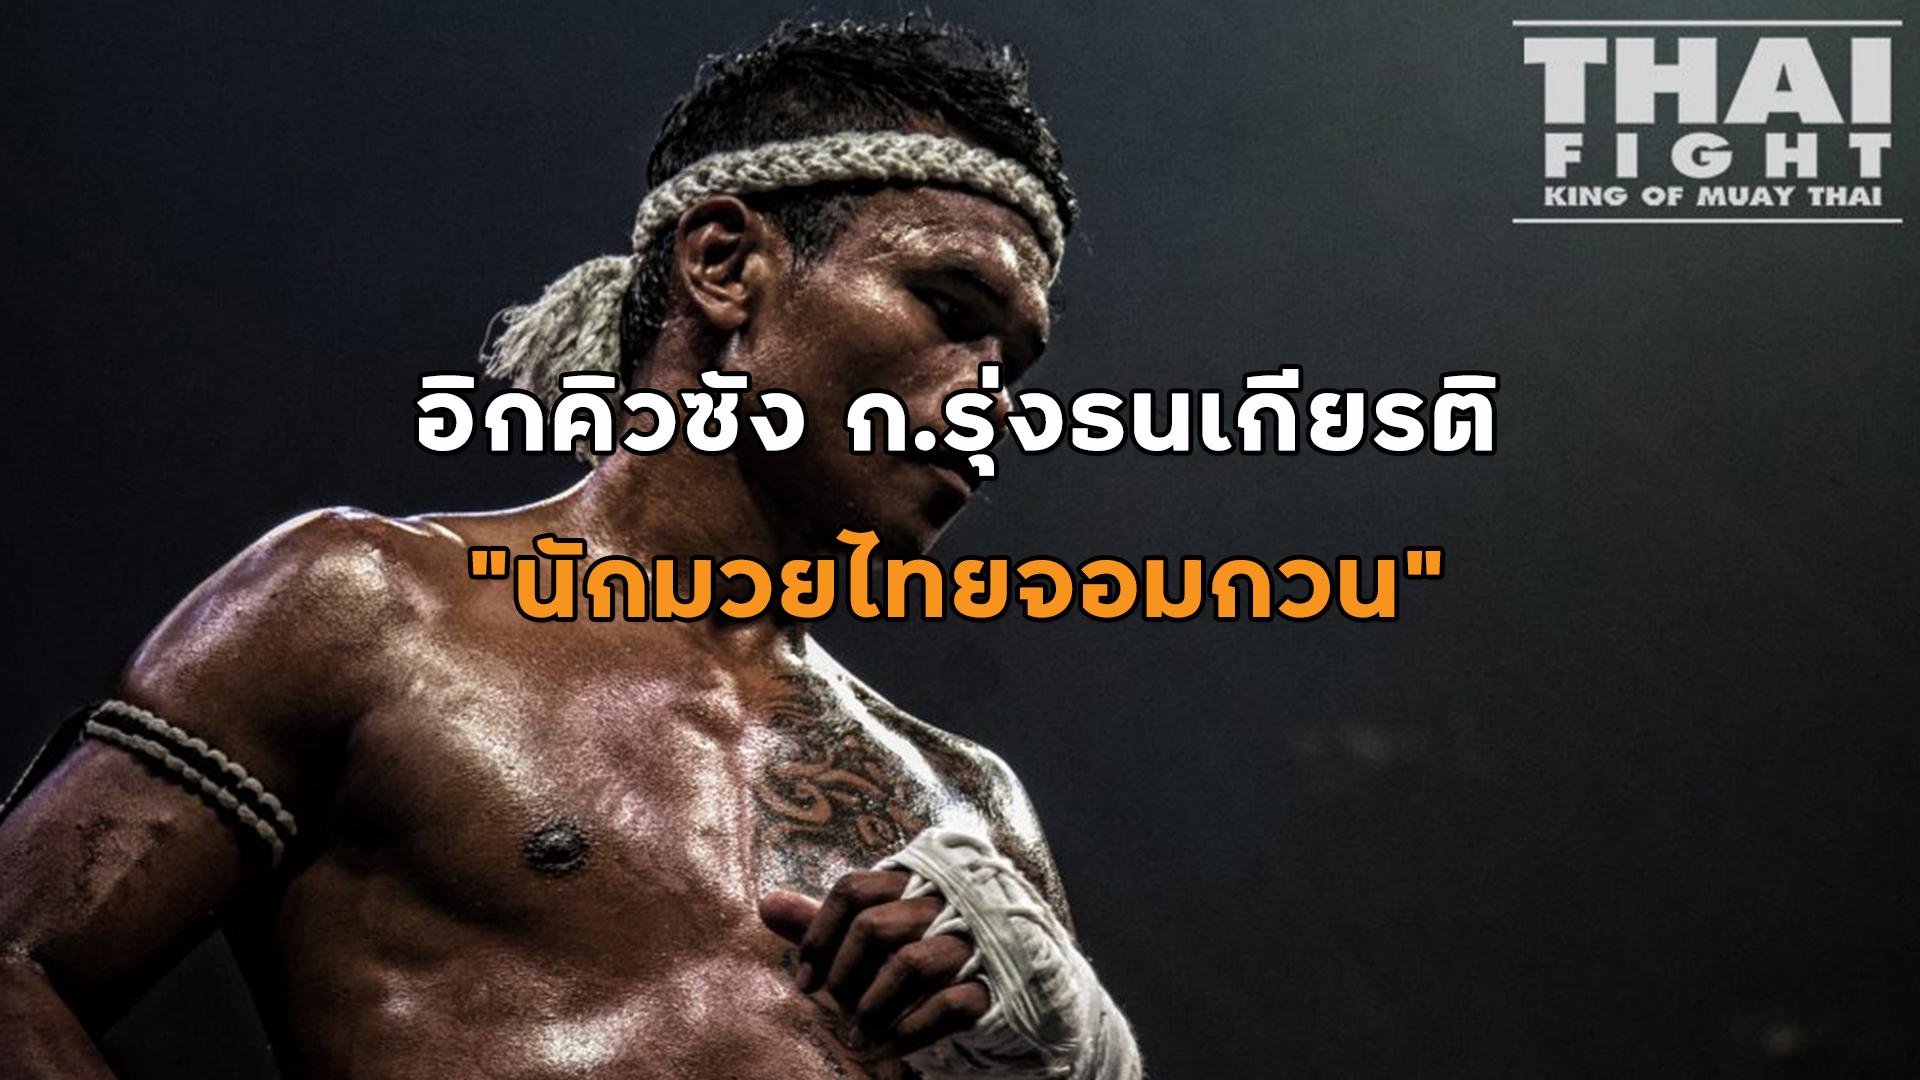 อิกคิวซัง ก.รุ่งธนเกียรติ นักมวยไทยจอมกวน